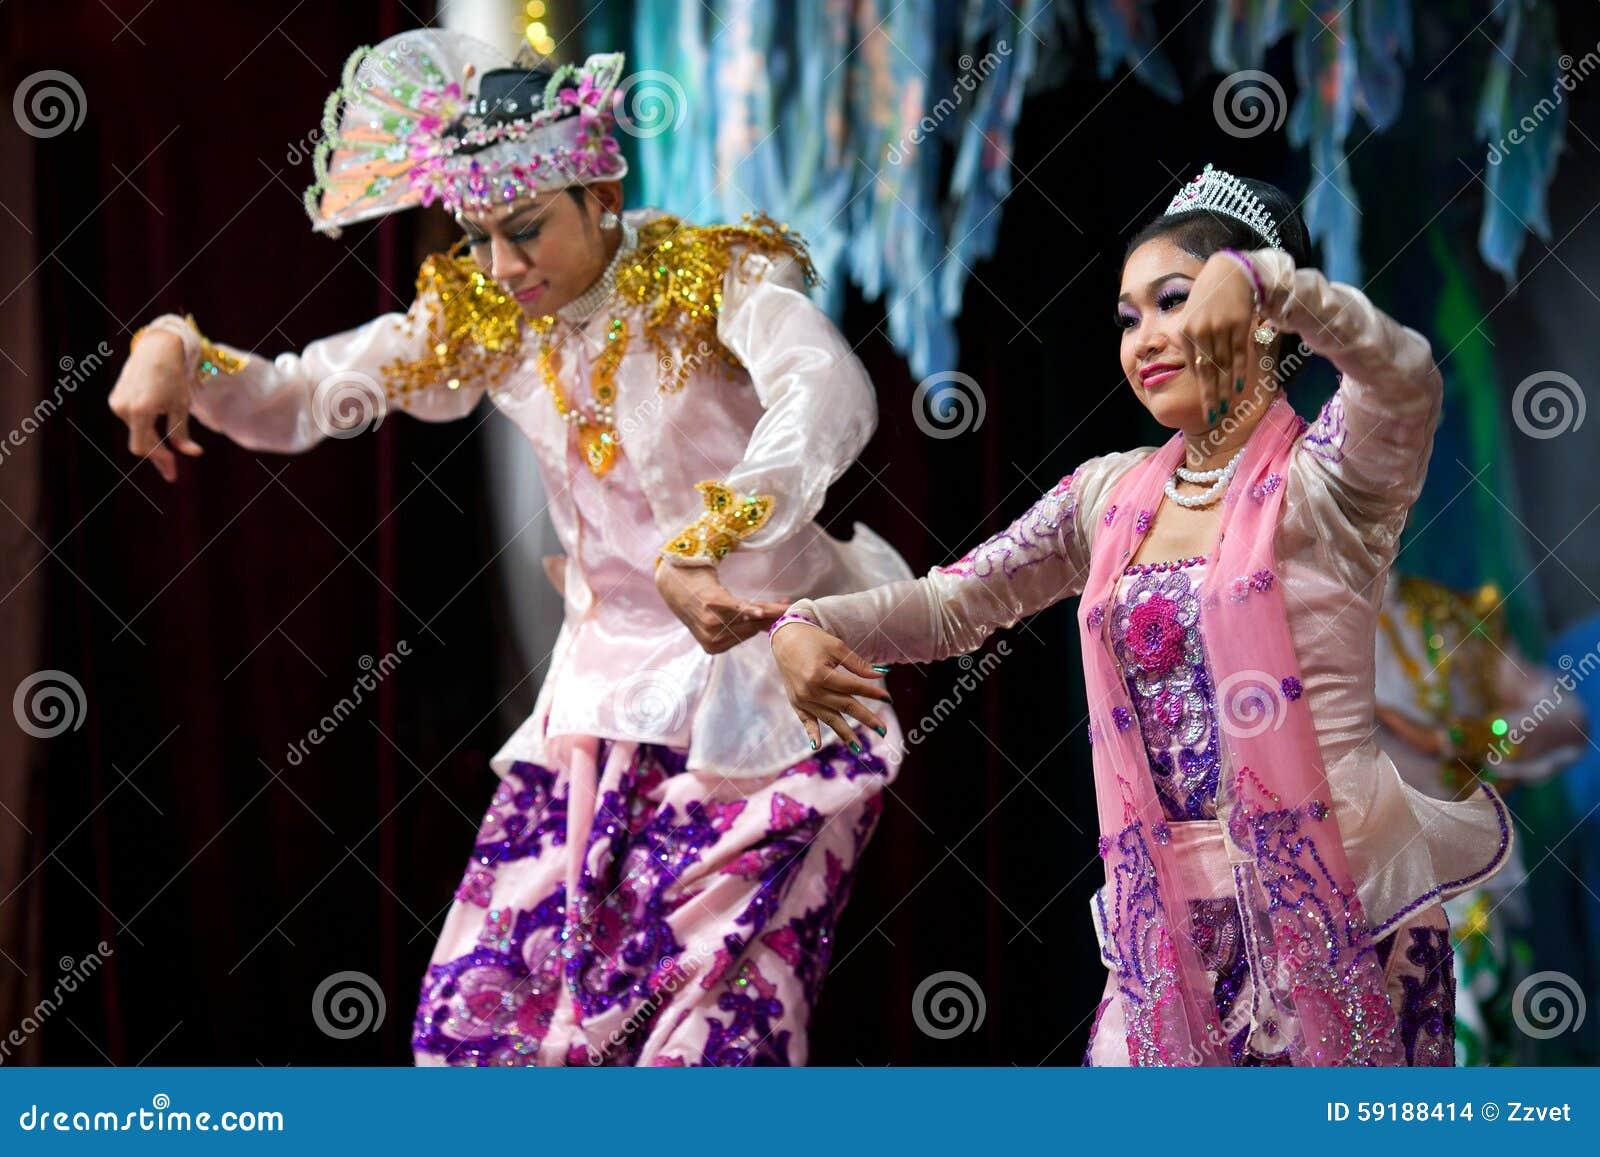 theatre actors Asian